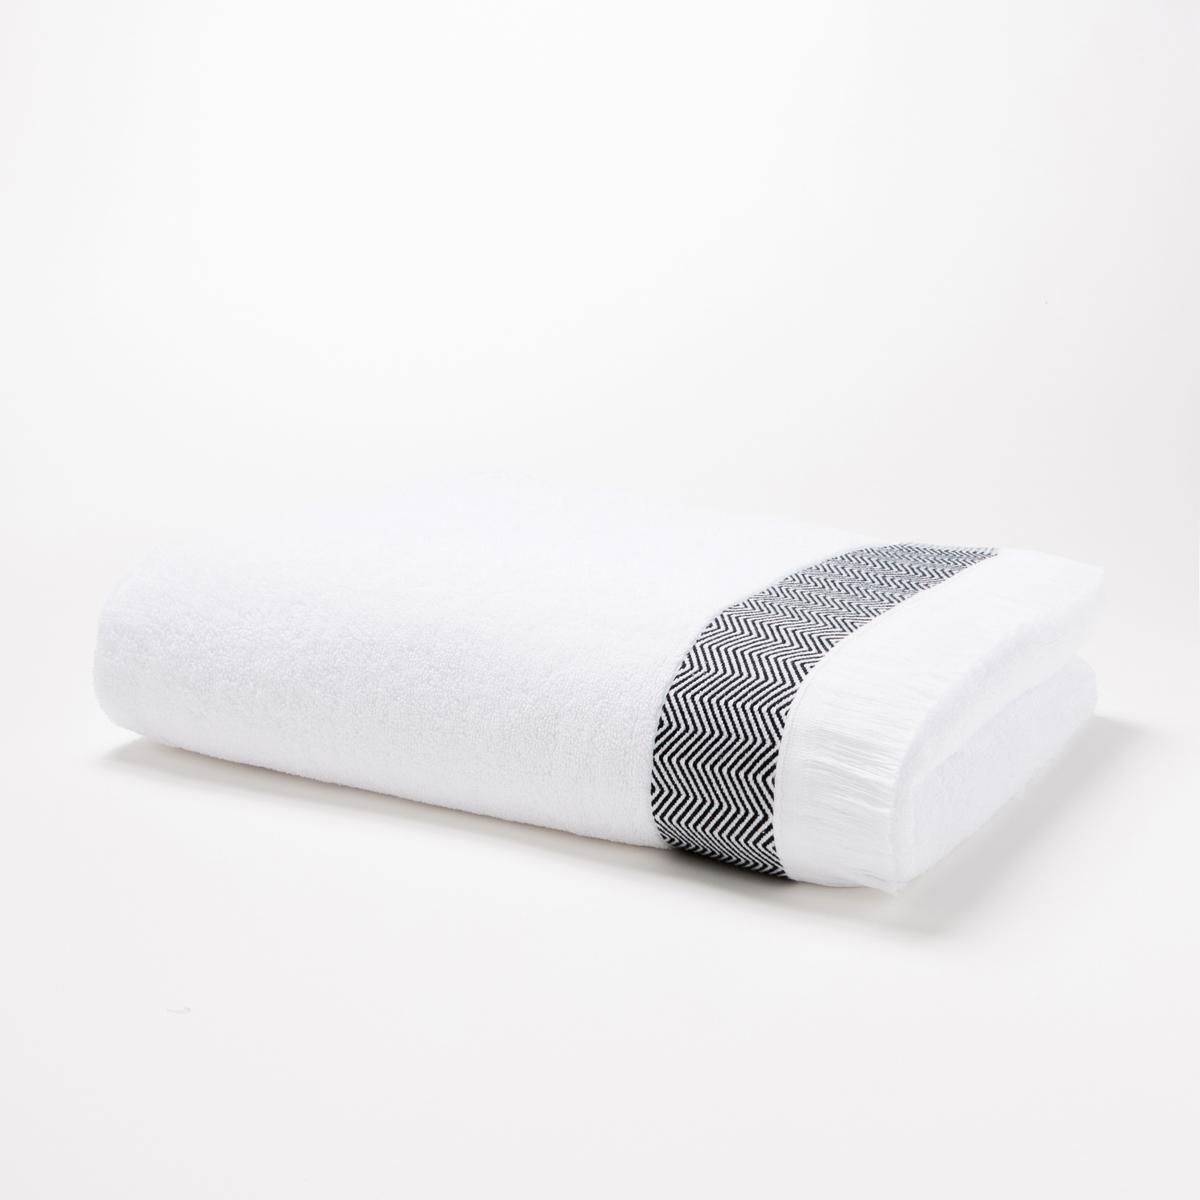 Фото - Полотенце банное большое, 500 г/м² FRINGES длинные любви долго 9i9 детей банное полотенце ребенка хлопок промывают марлевые одеяла